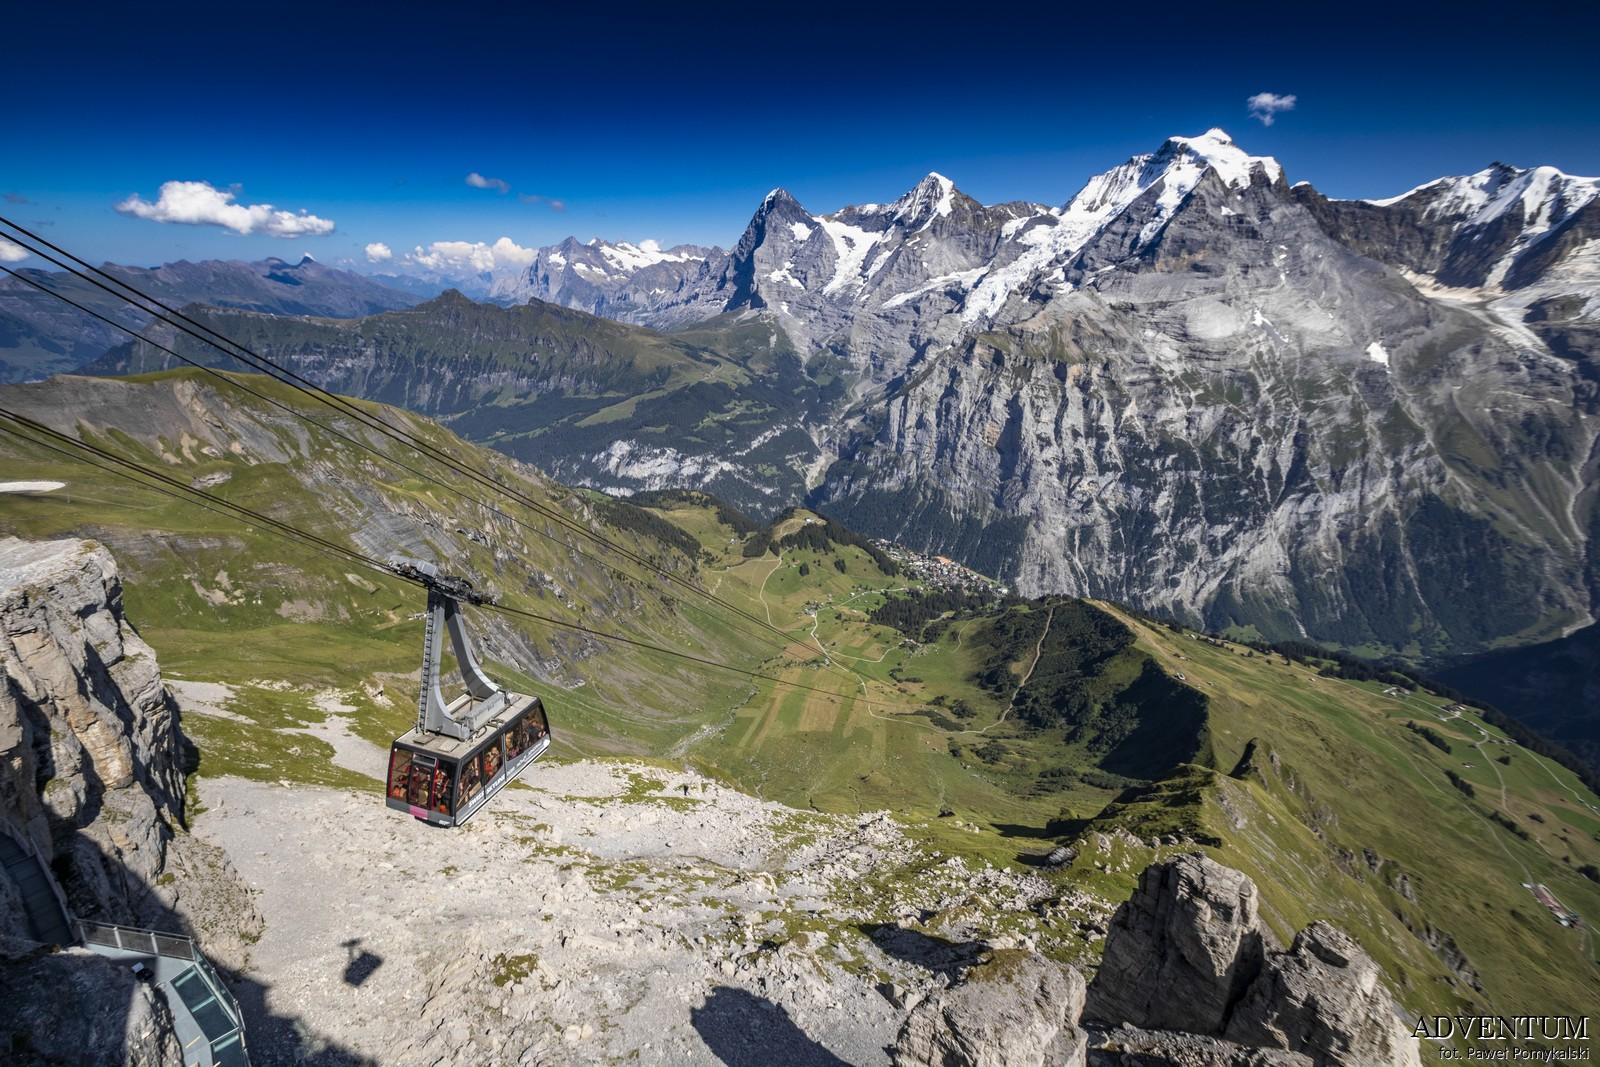 Schilthorn góry Szwajcaria Alpy Kolejka Linowa James Bond 007 Bilety Ceny parking Mürren